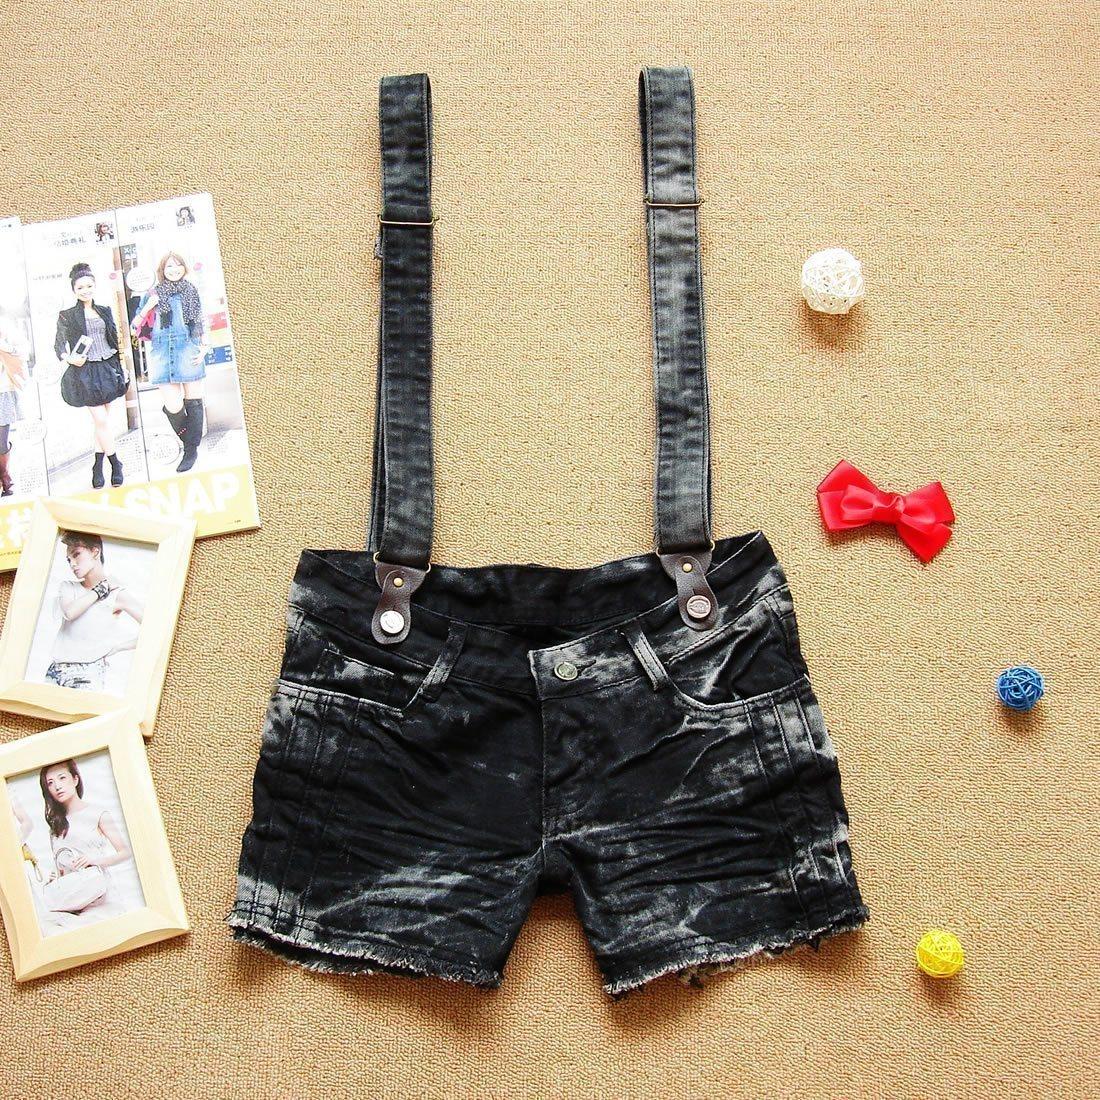 Женские брюки Other brands 9852 Шорты, мини-шорты Брюки на подтяжках